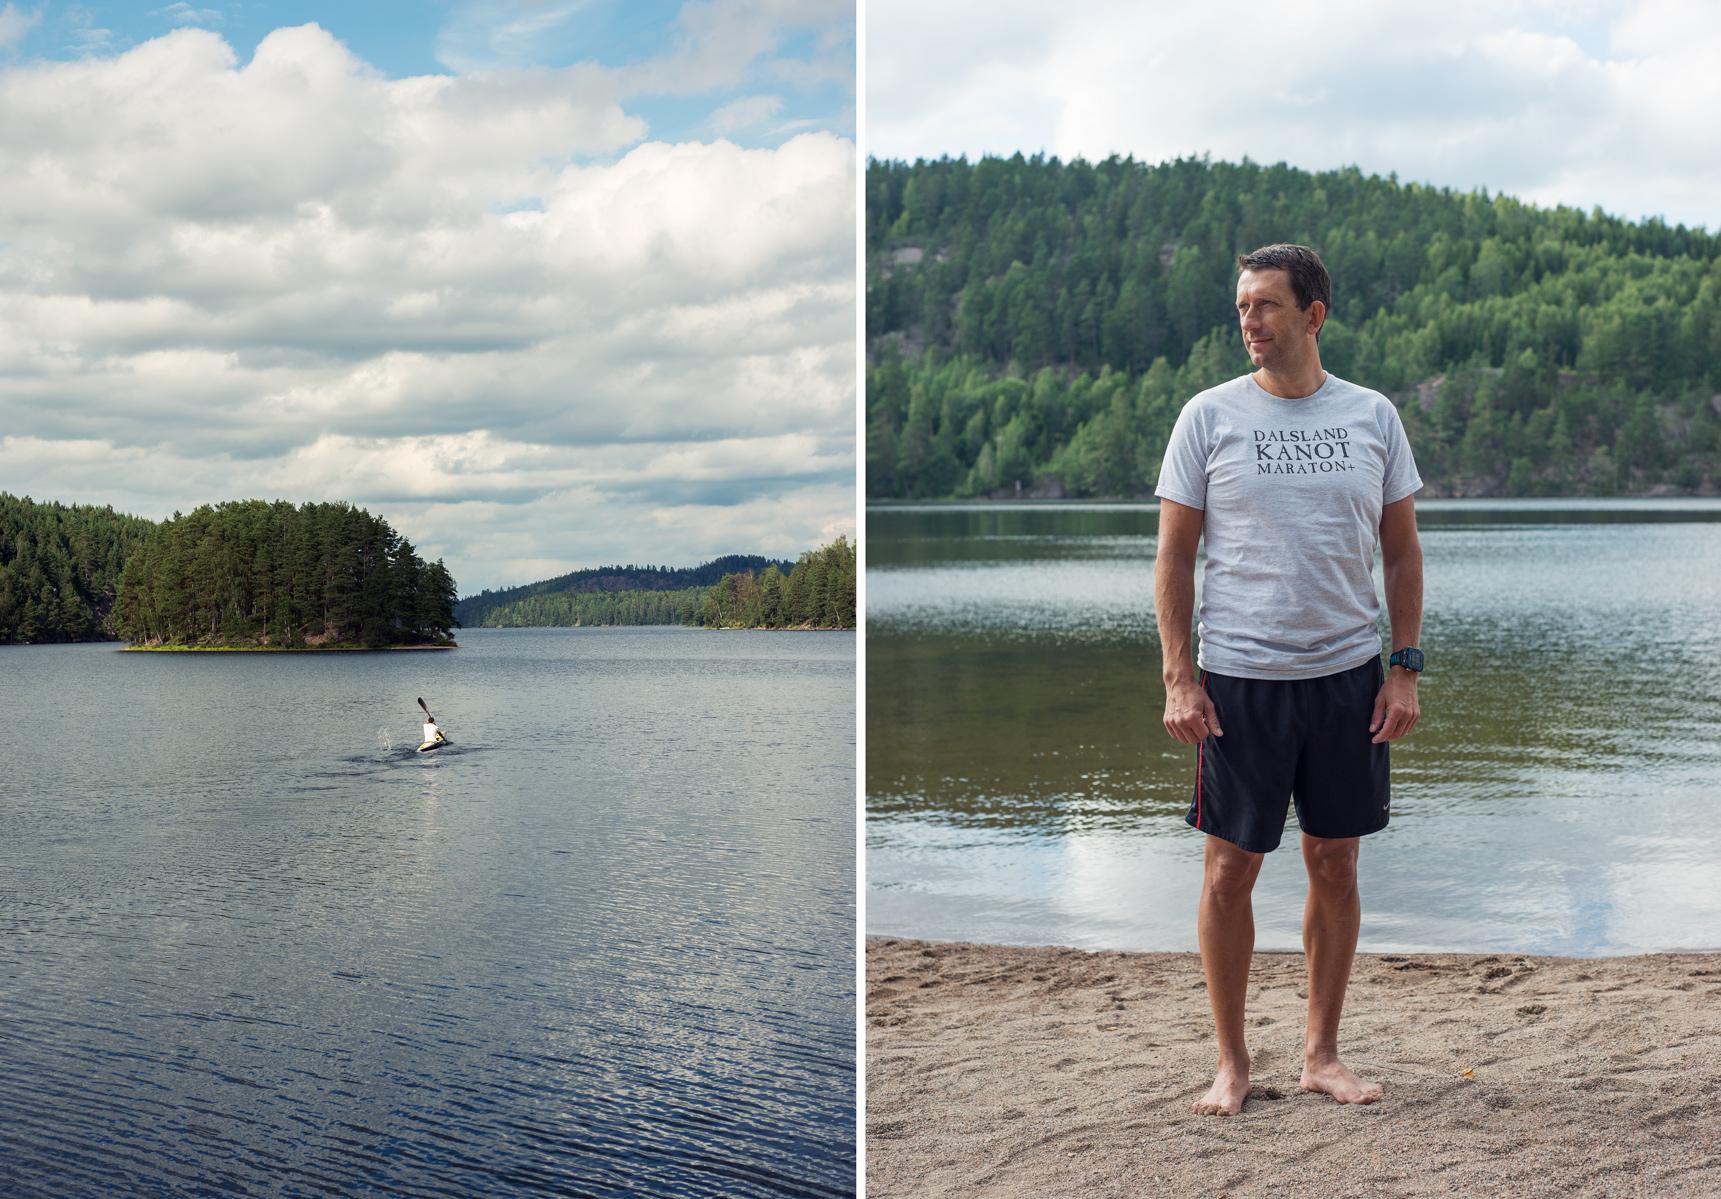 The Guardian / Visit Sweden